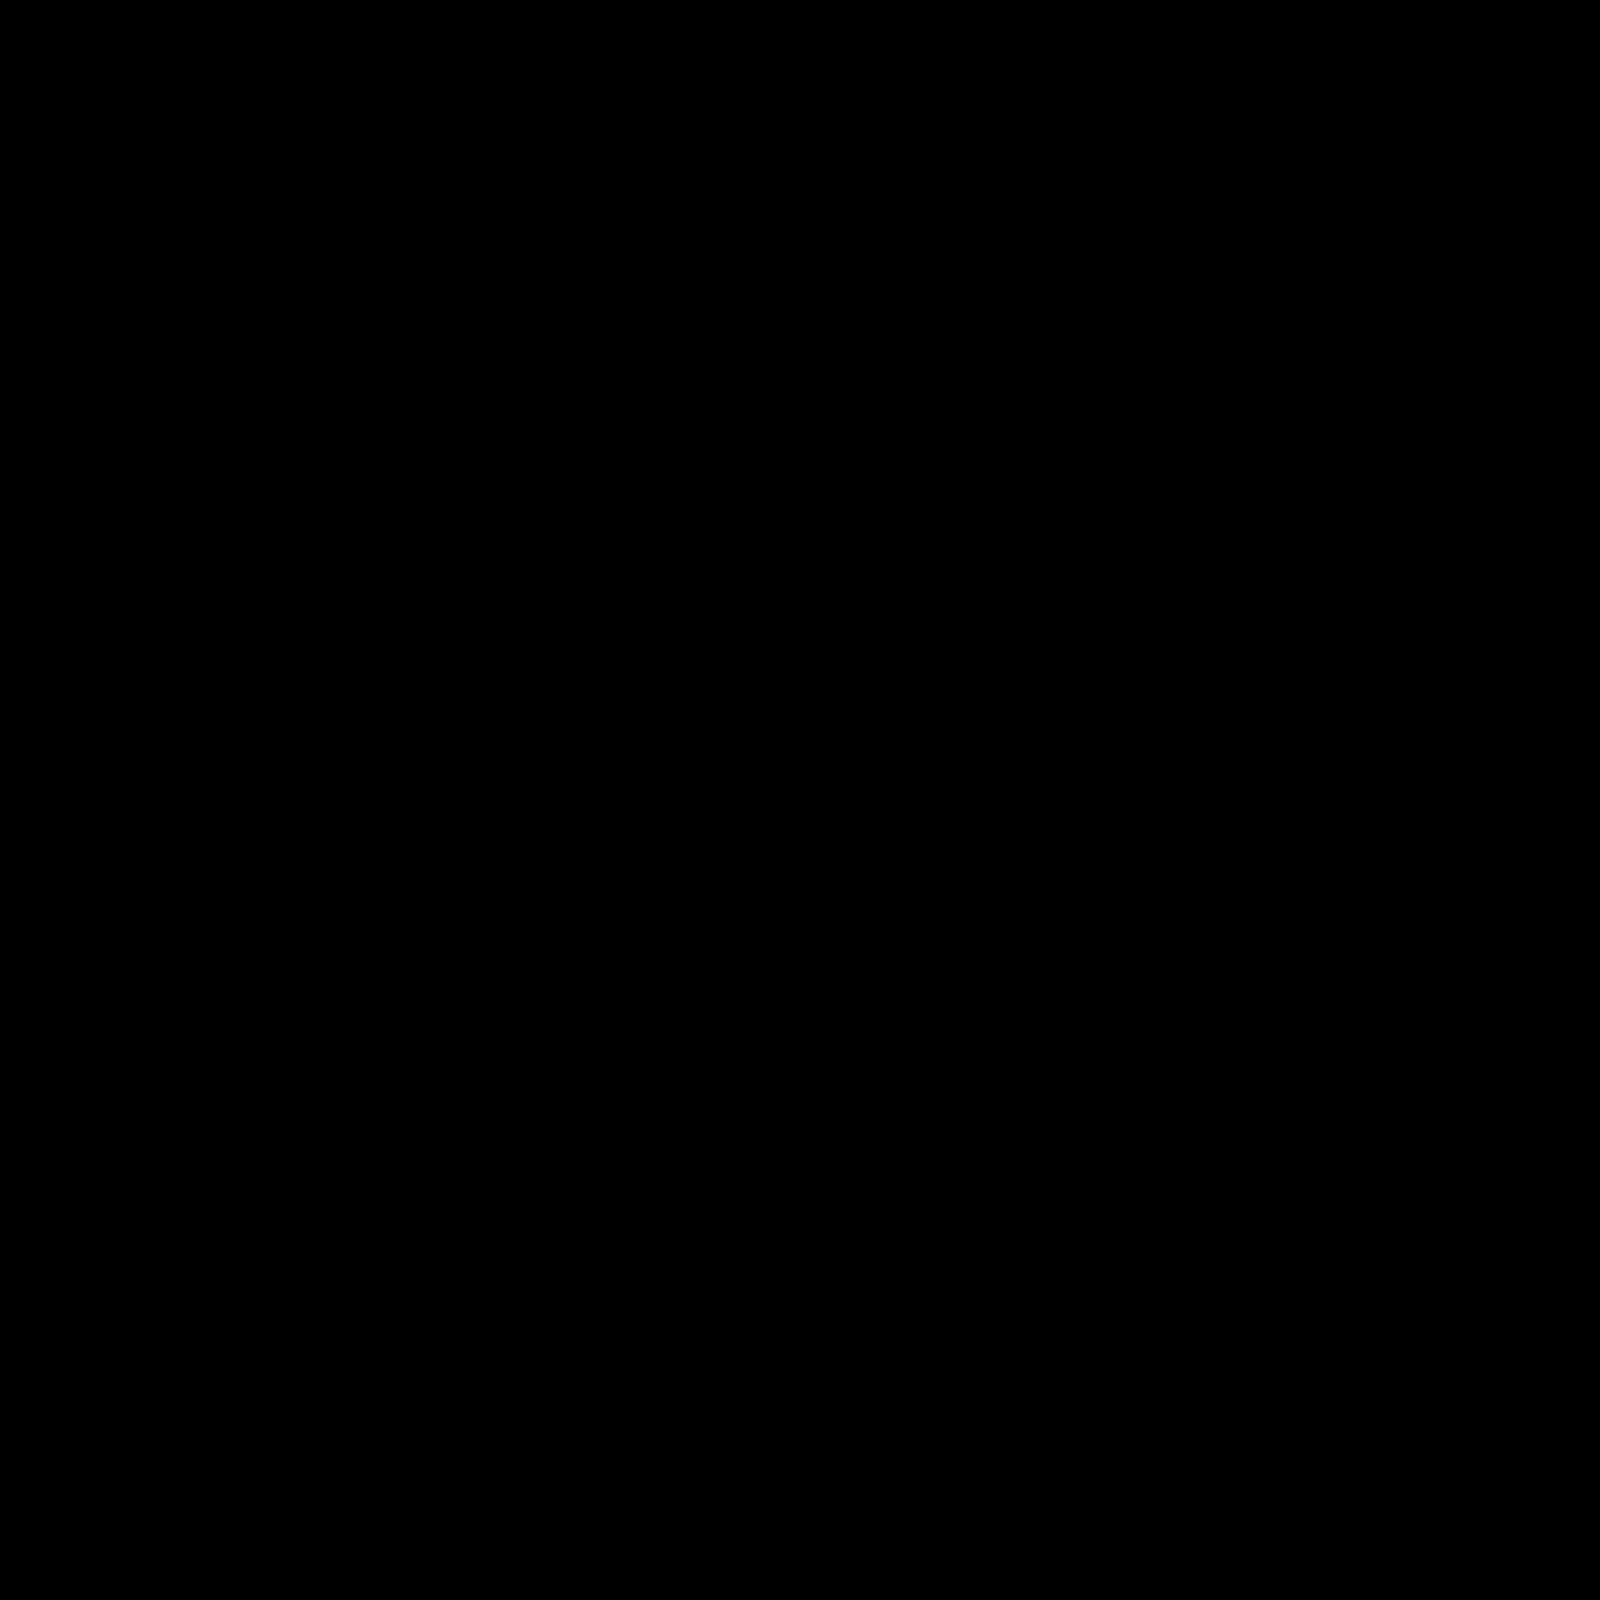 Maska Mardi Gras icon